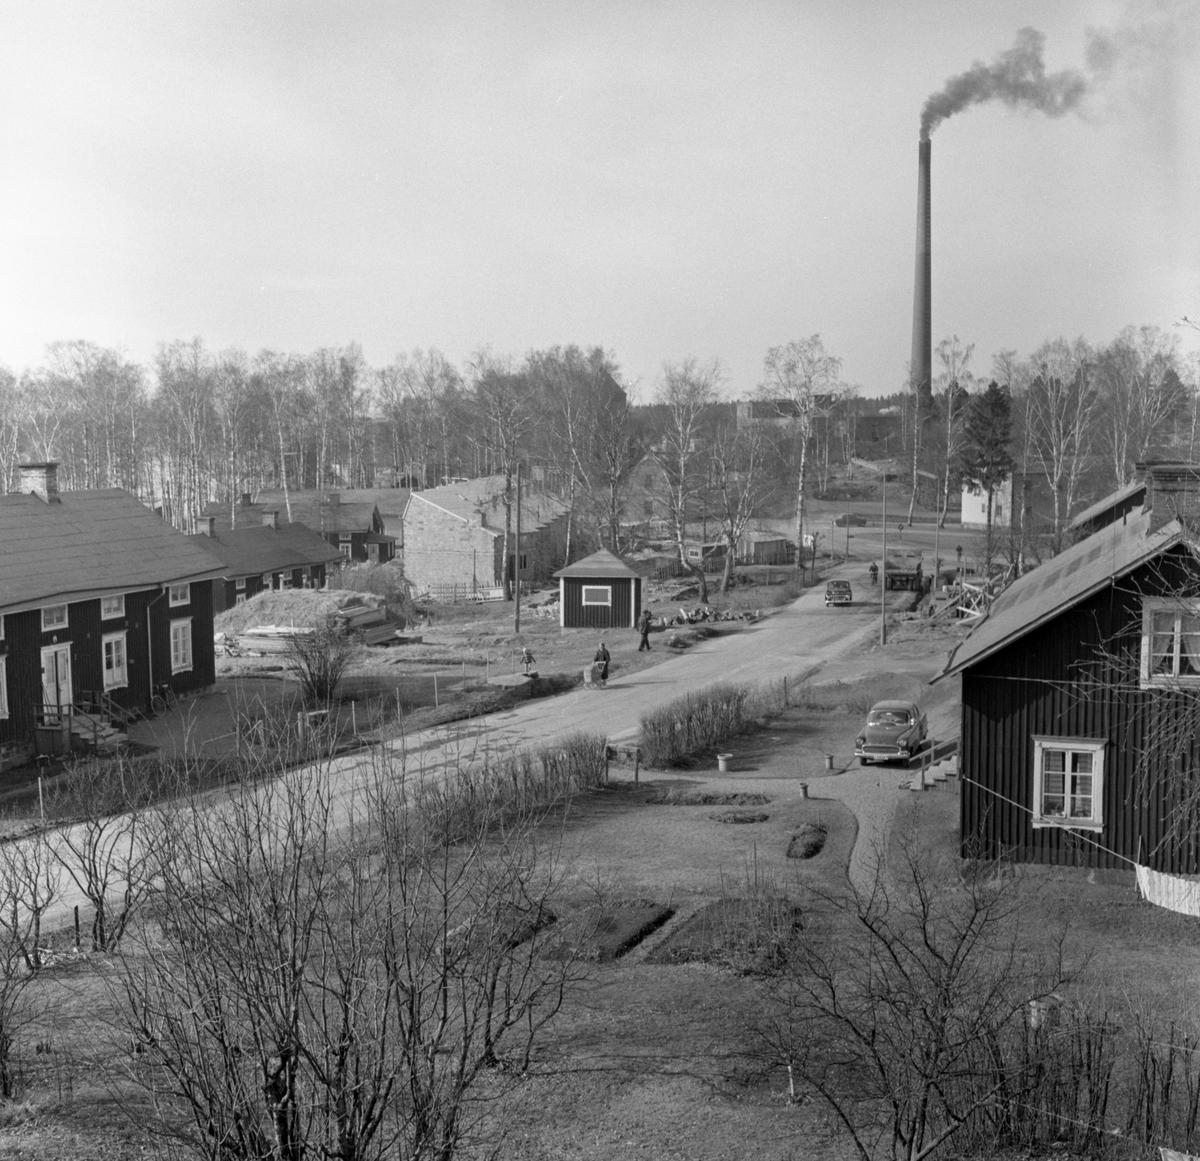 Strandgatan i Slottsbron i mars 1959. Bilden tagen från söder mot norr. Radhuset i mitten som verkar vara under byggnation kallas Vinkelboda och finns kvar. Den vita byggnaden snett nedom skorstenen heter Strandgården.